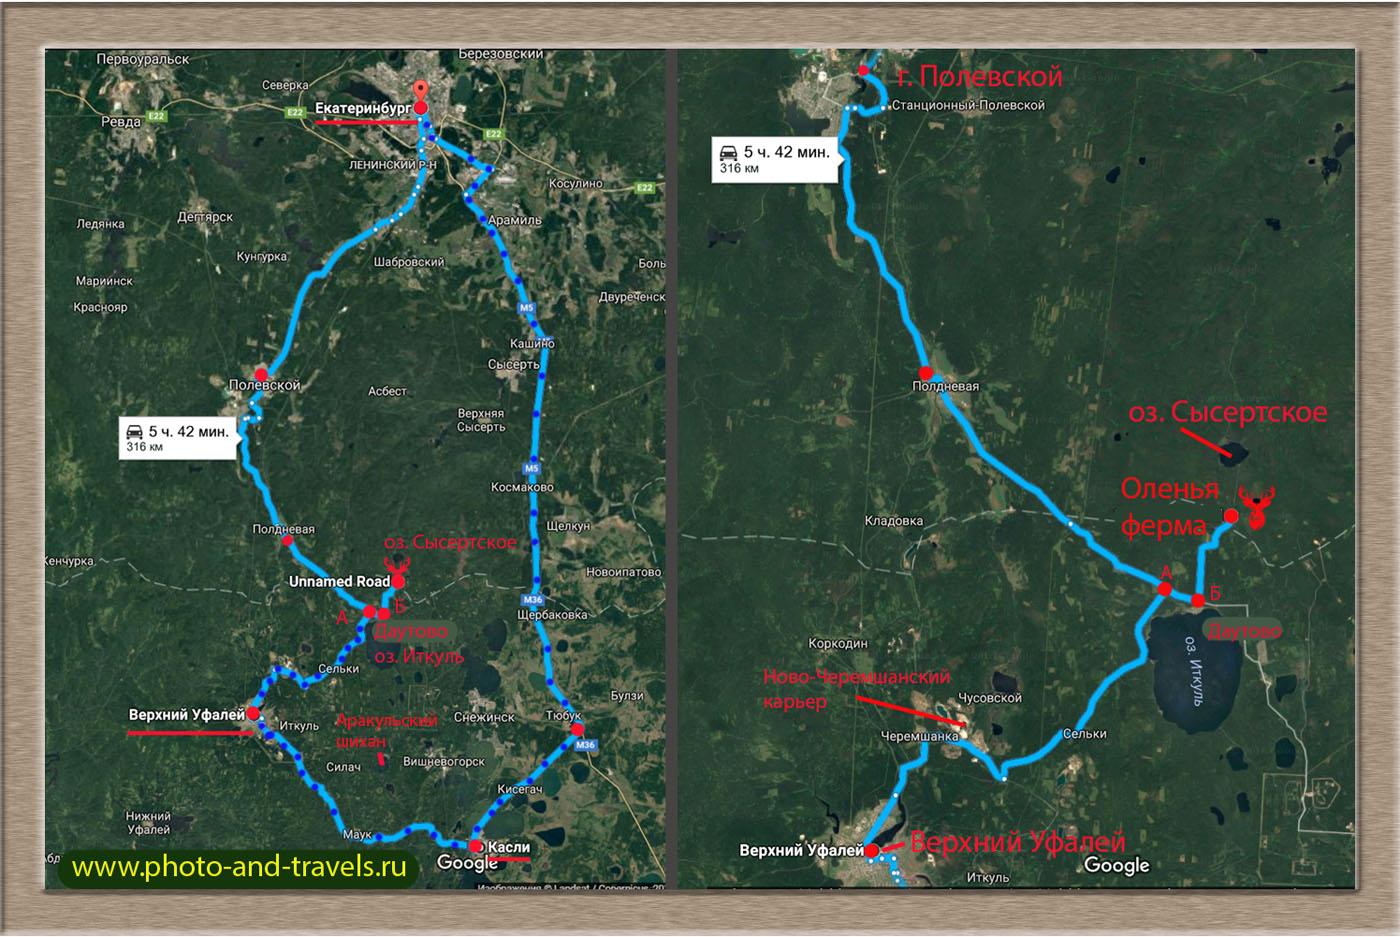 Рисунок 14. Карта со схемой проезда в «Оленью ферму» через города Полевской и Касли (маршрут показан синим пунктиром).